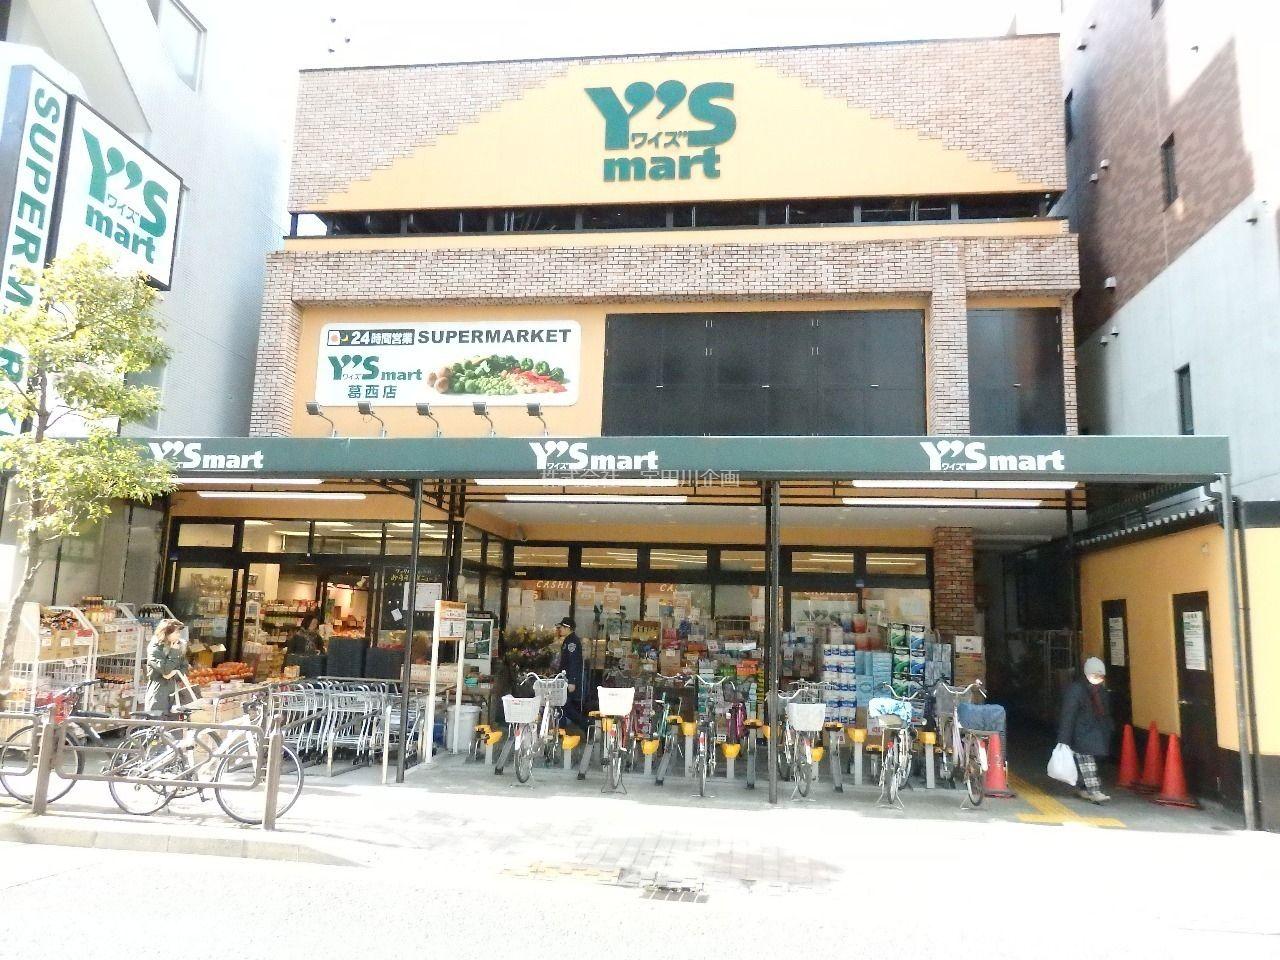 東西線沿線、江戸川区に数多く出店している地元密着スーパー